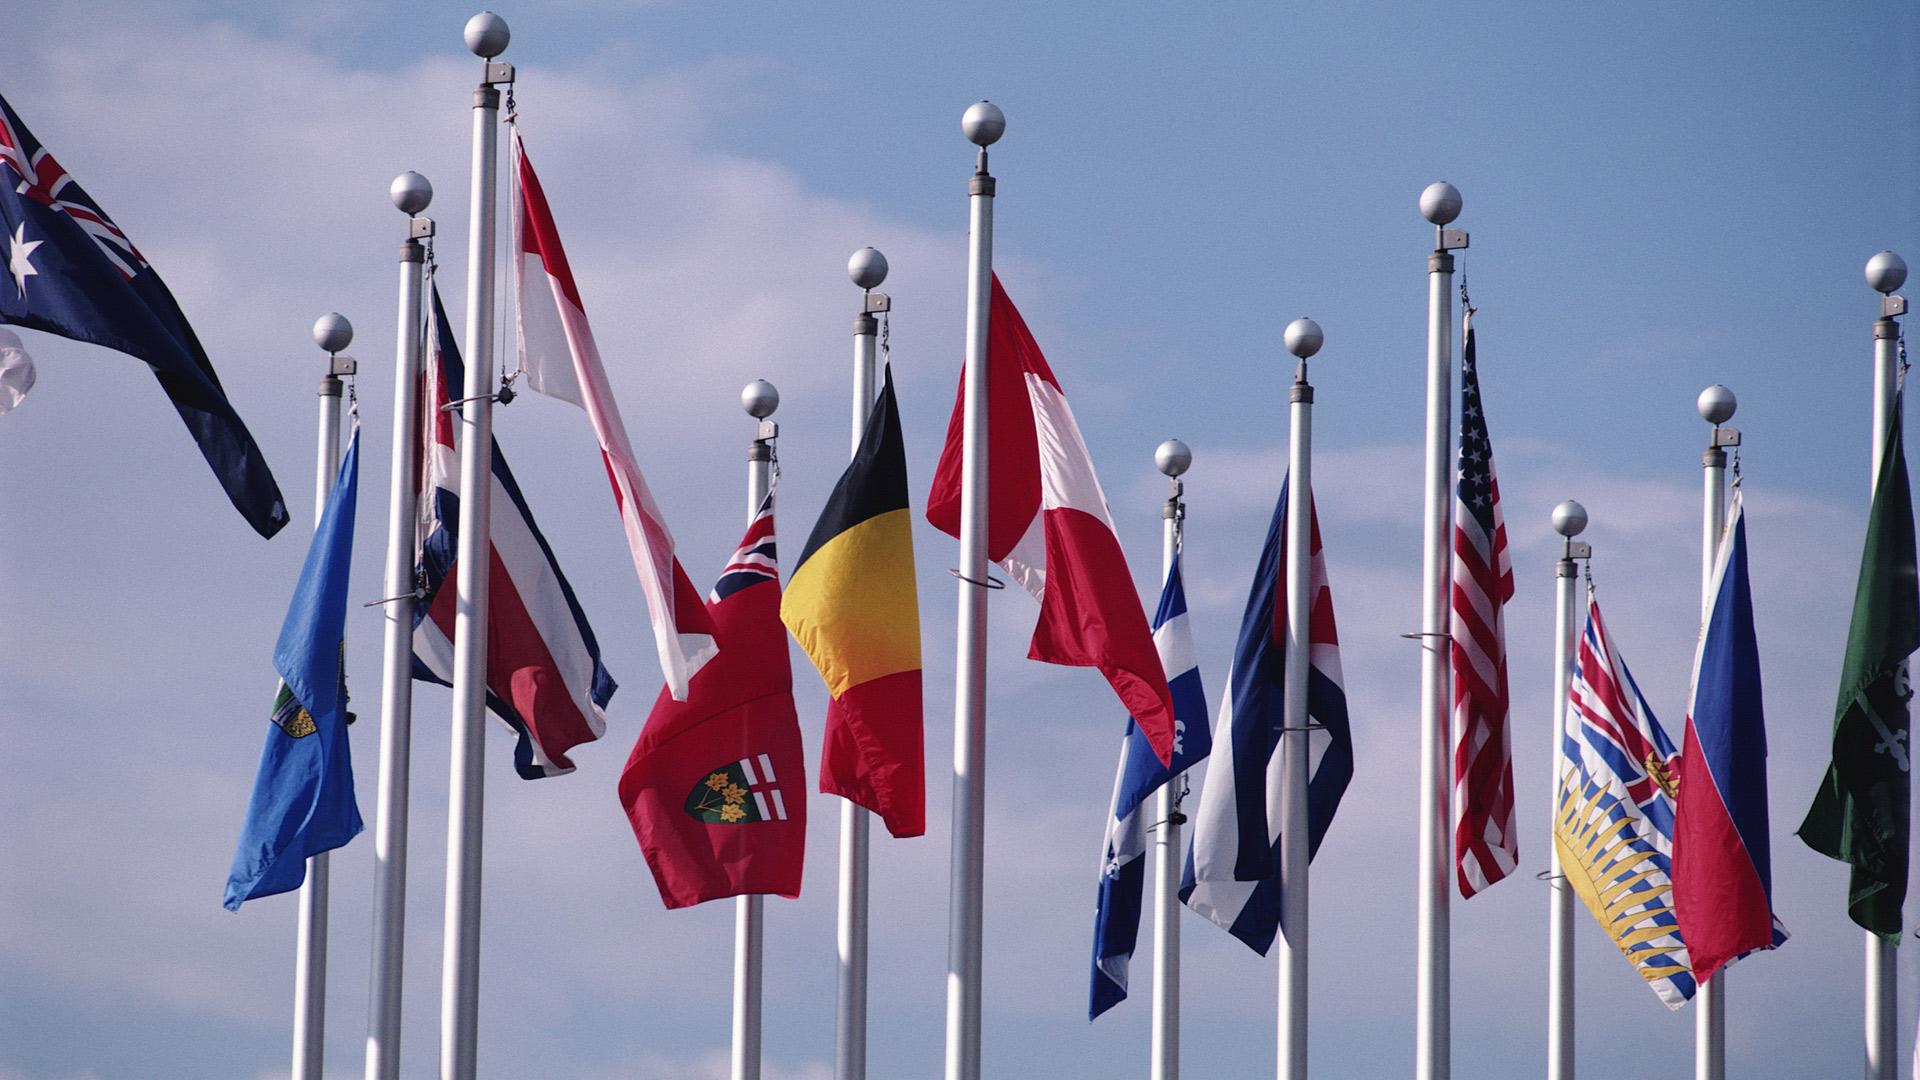 Обои флаги мира флаги стран мира flags